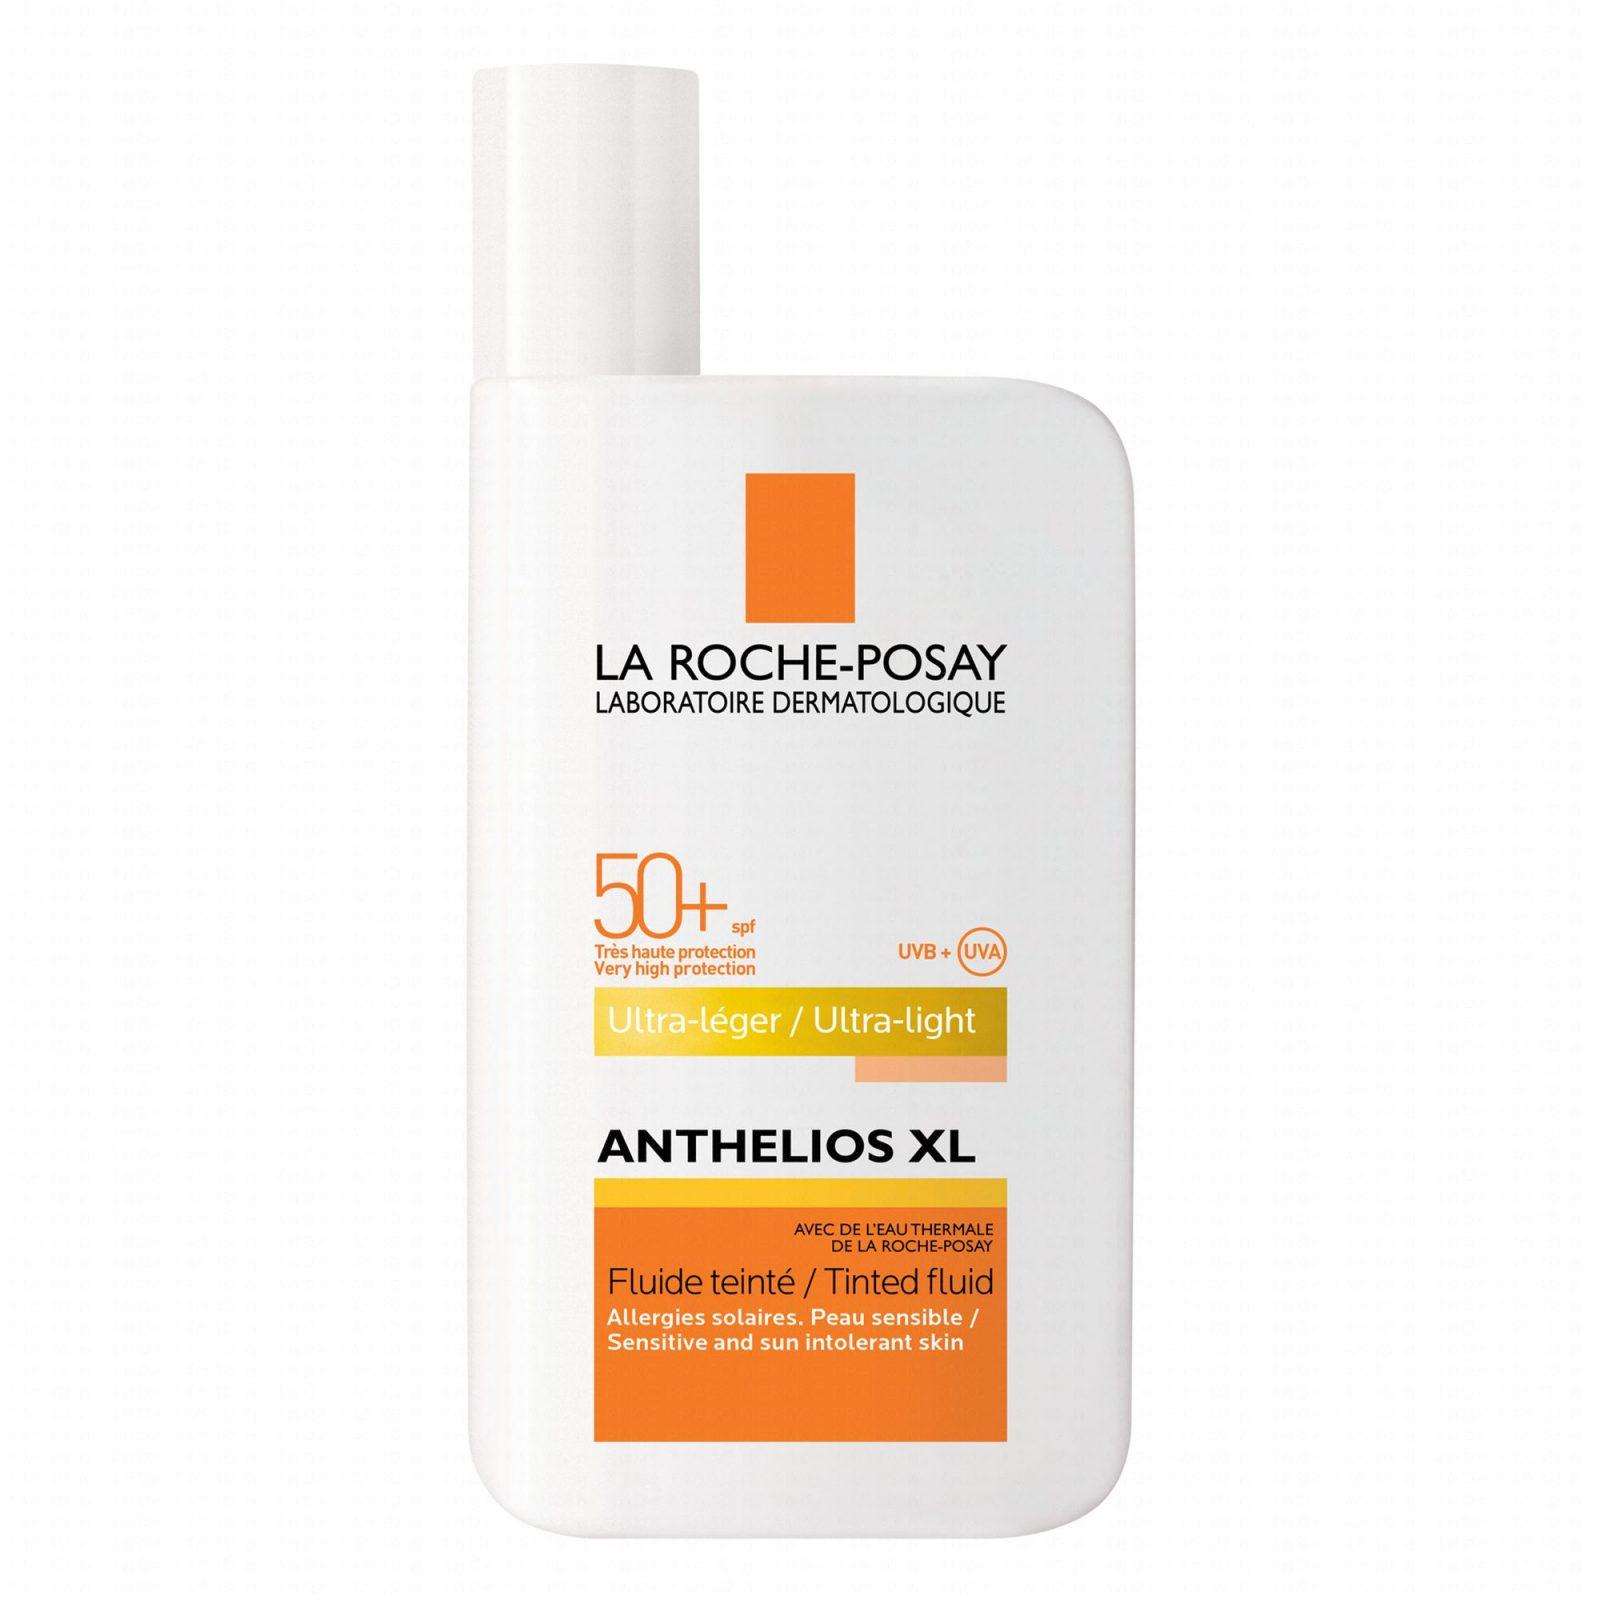 La Roche – Posay SPF 50+